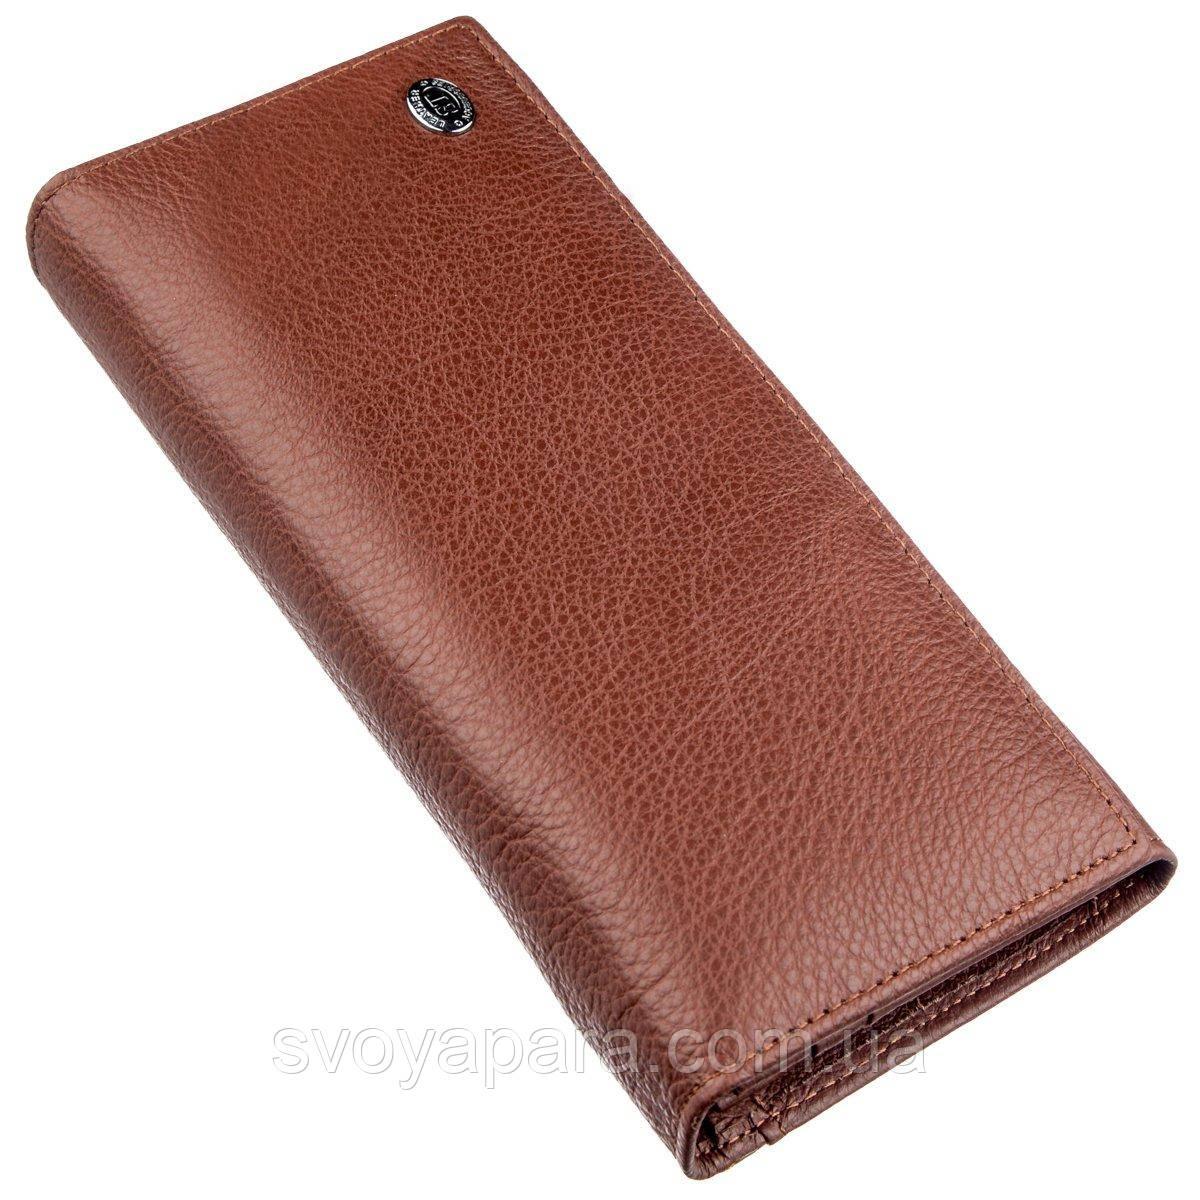 Універсальний гаманець для жінок ST Leather 18873 Коричневий